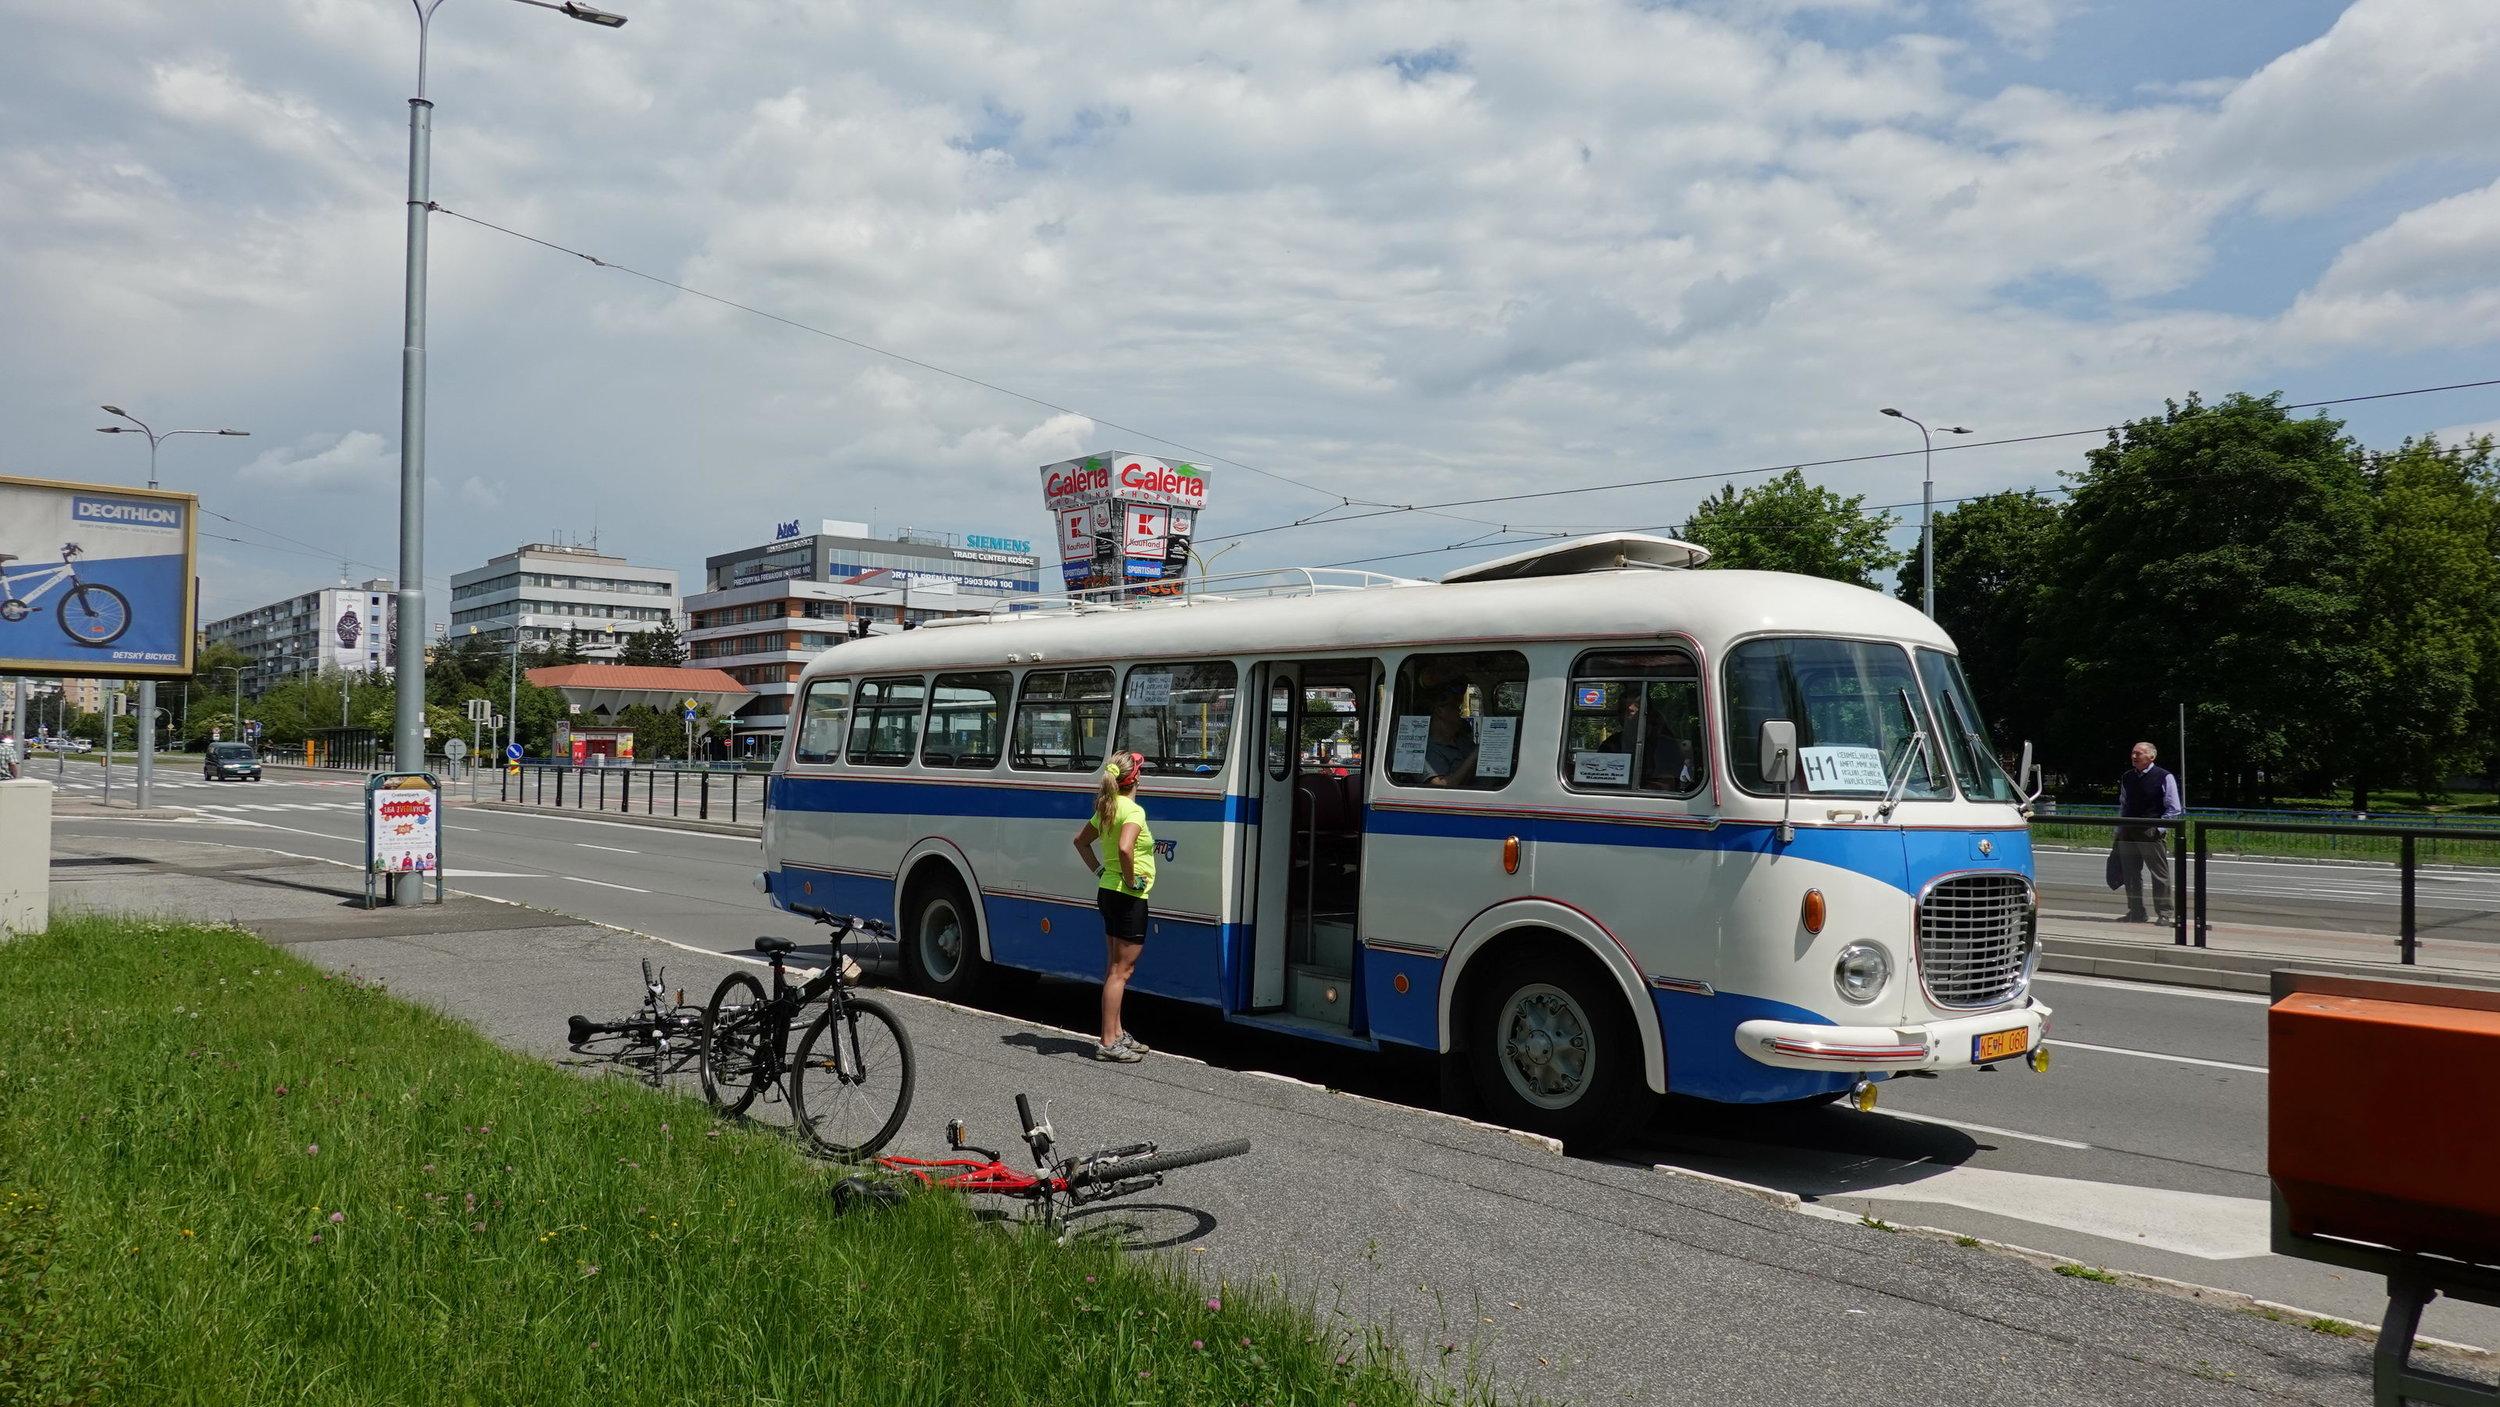 Tímto krasavcem se budete moci svézt na lince A1 v rámci Košického trolejbusového dne. (foto: Martin Schwarz)